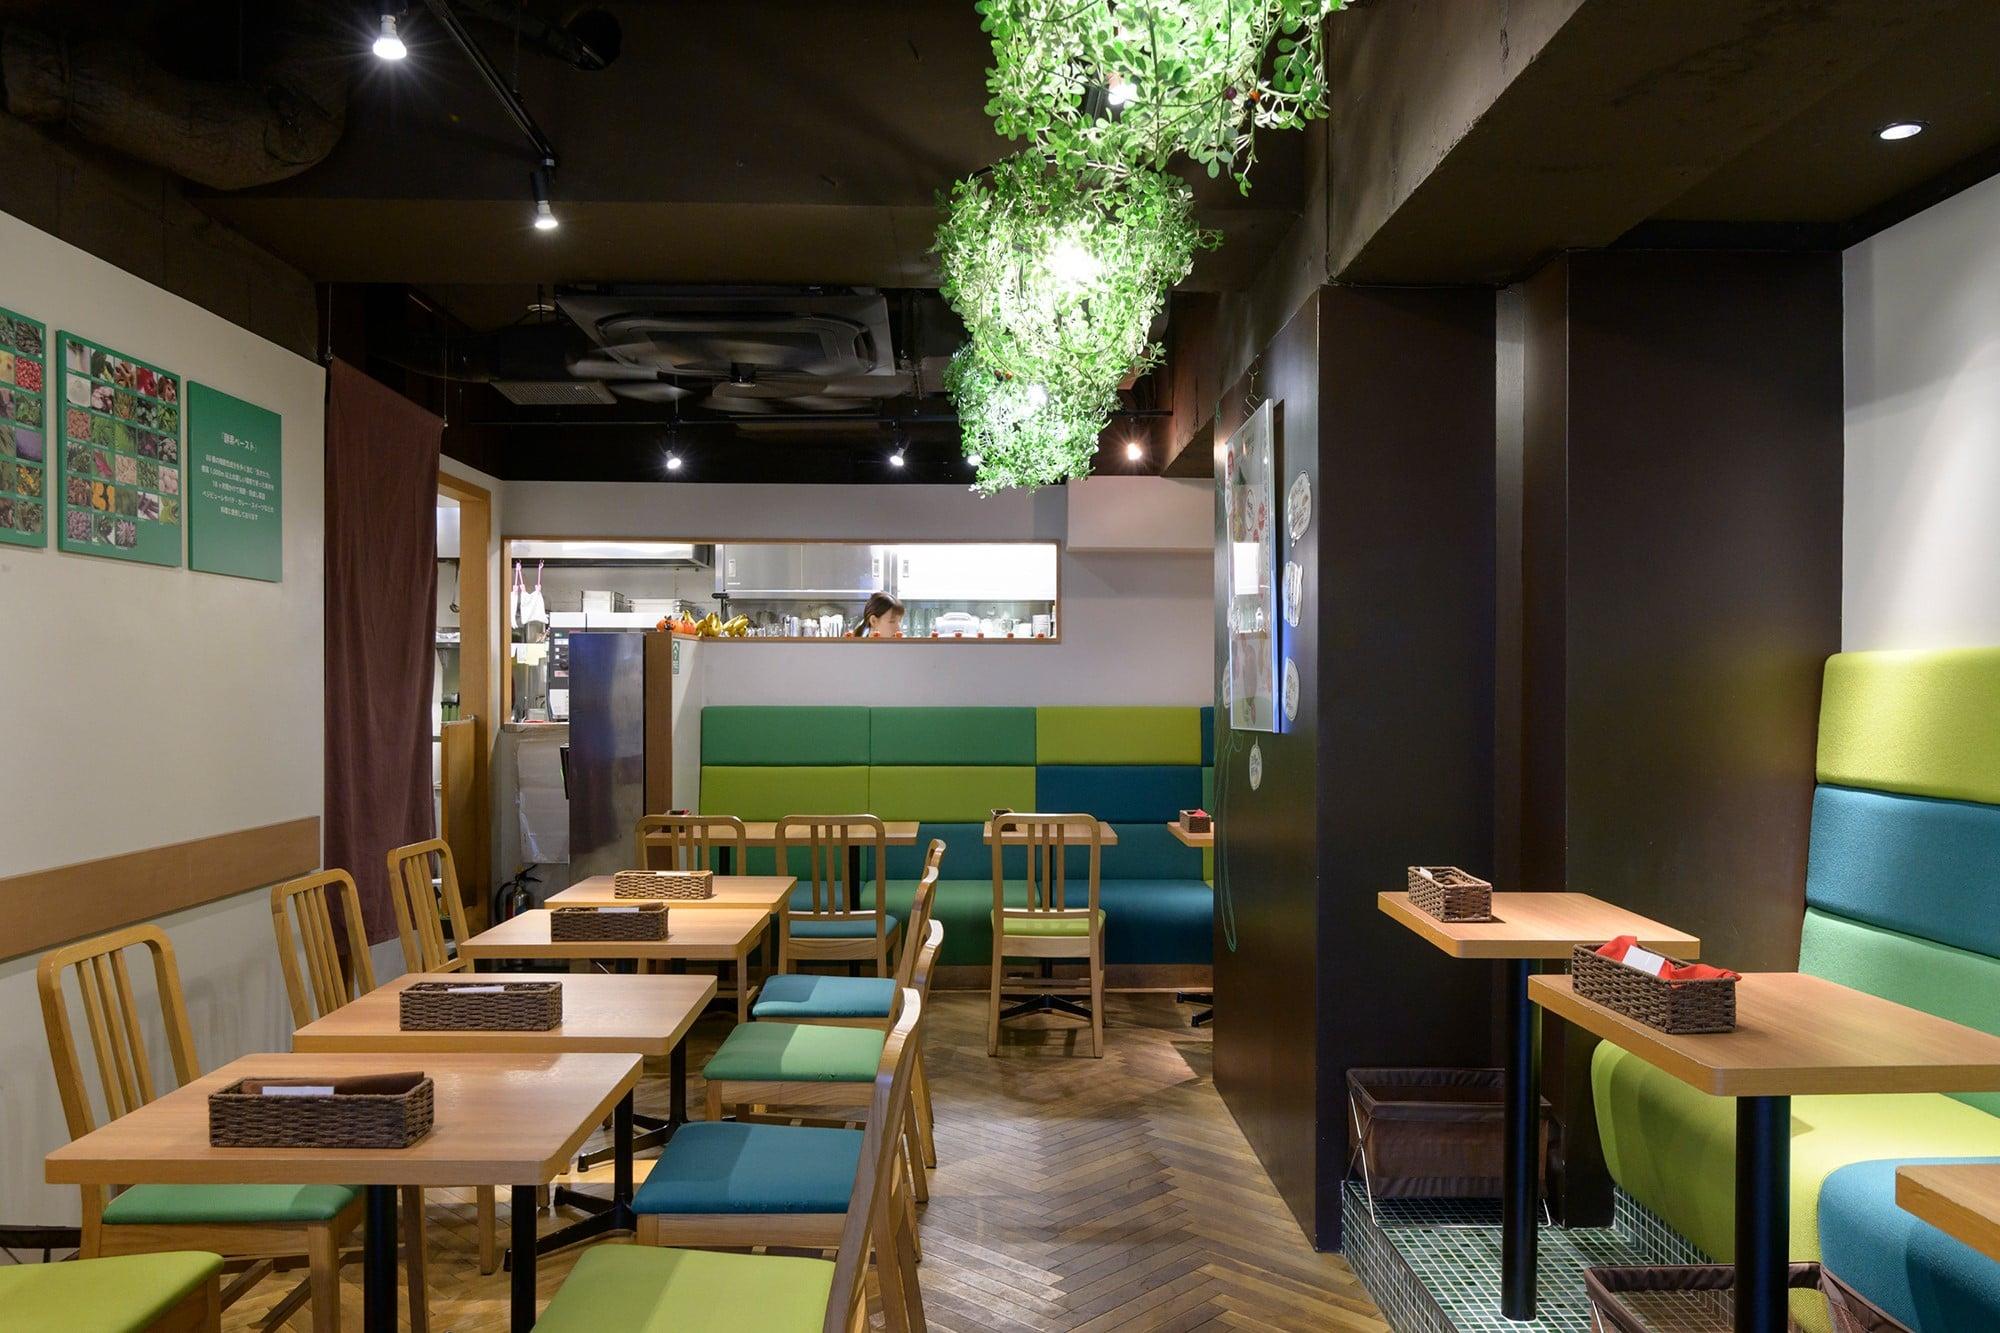 木製のテーブルとイス、グリーンとブルーのナチュラルカラーでまとめられた店内。